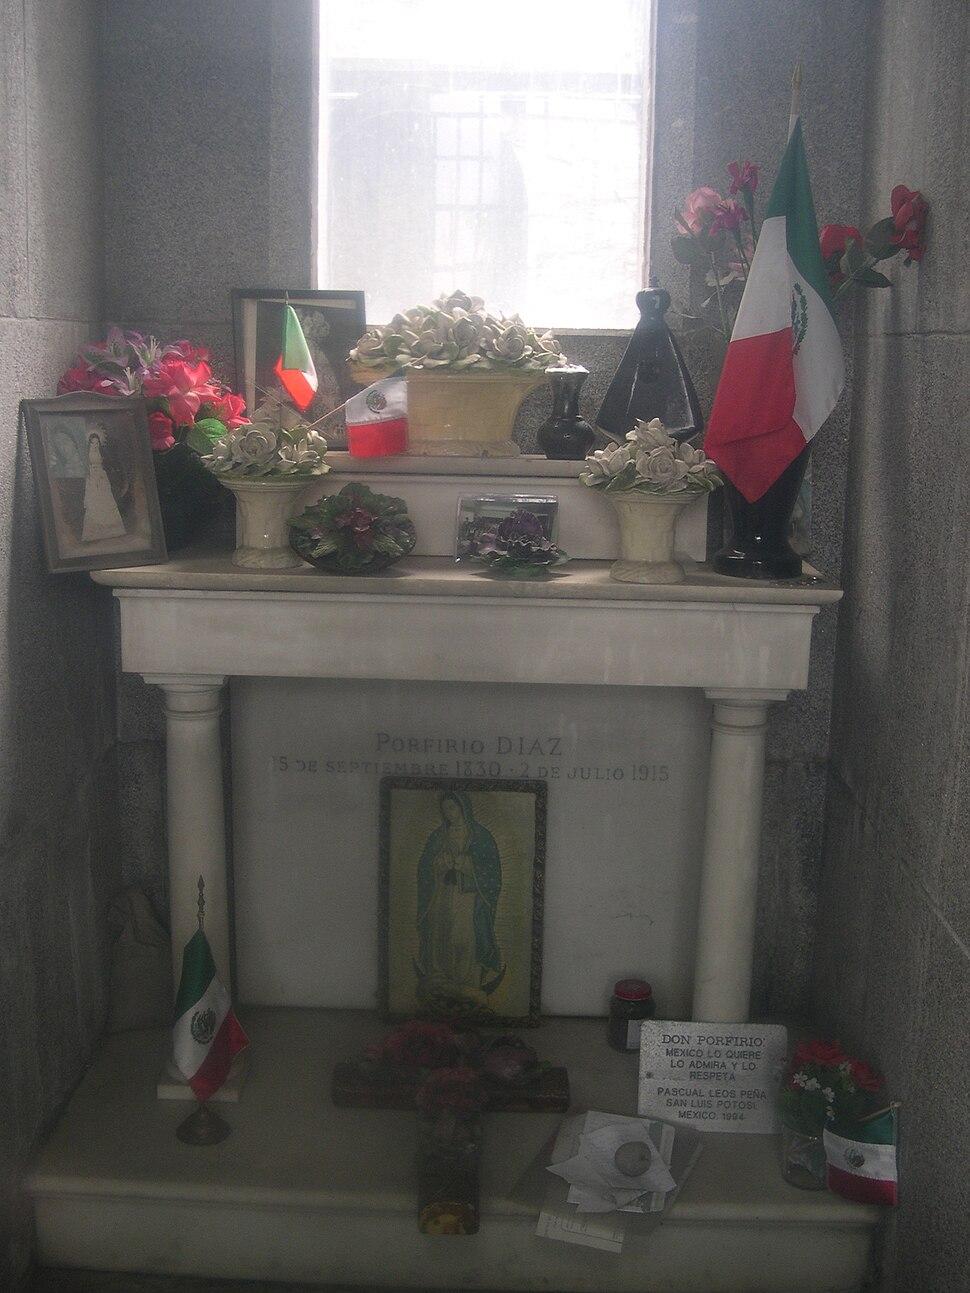 Int tomb PD